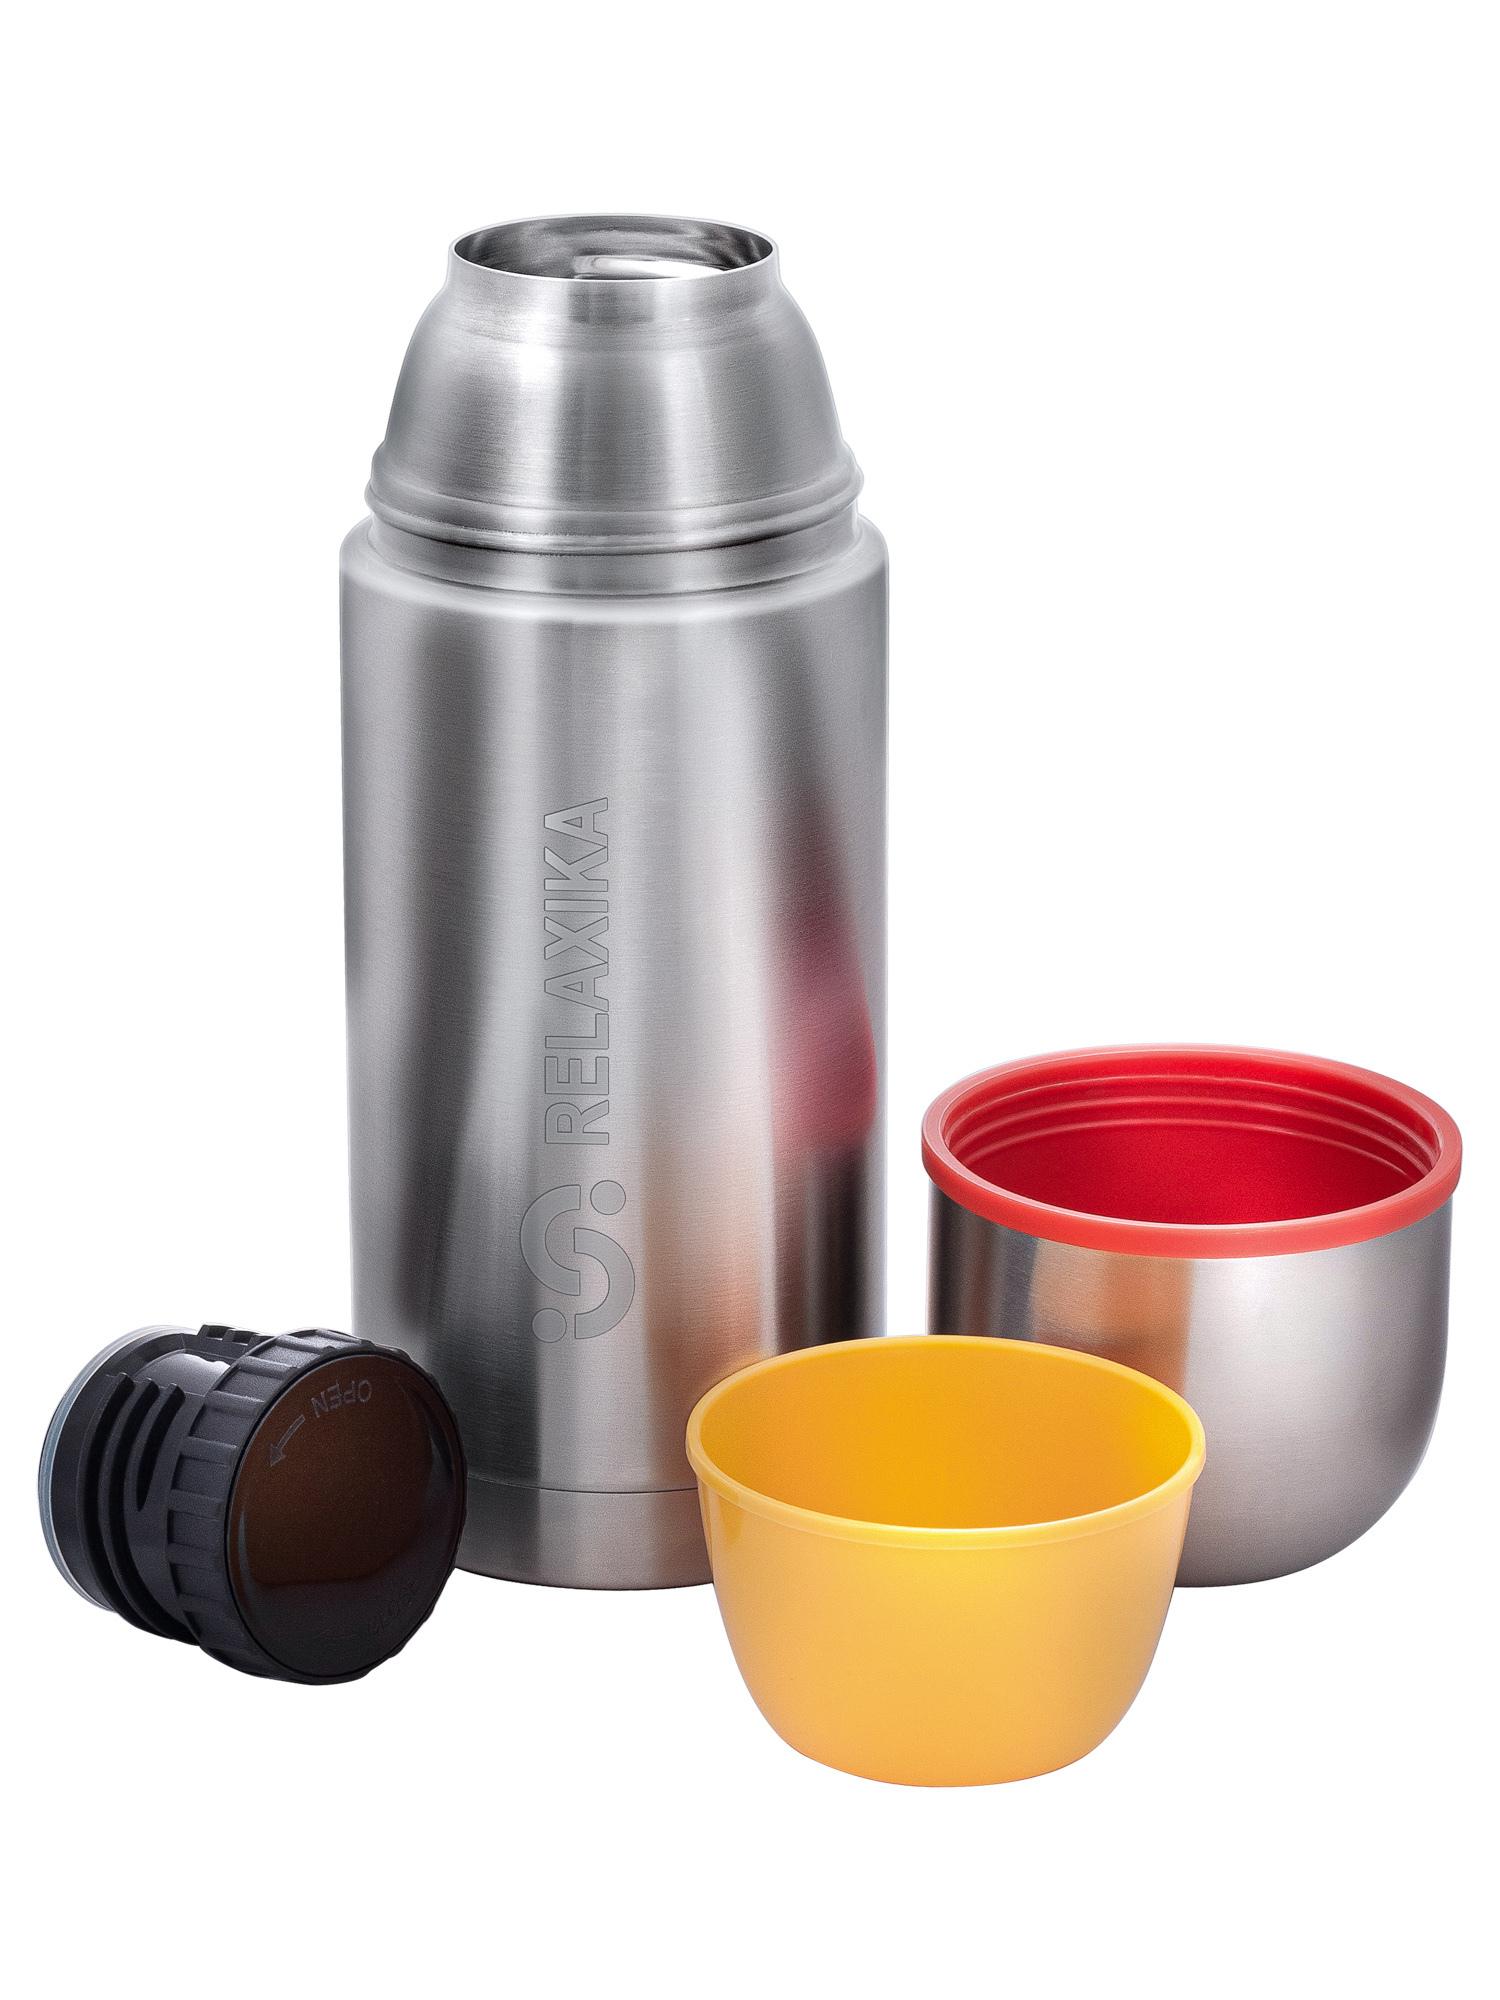 Фото - Термос Relaxika 102 (0,75 литра), 2 чашки, стальной